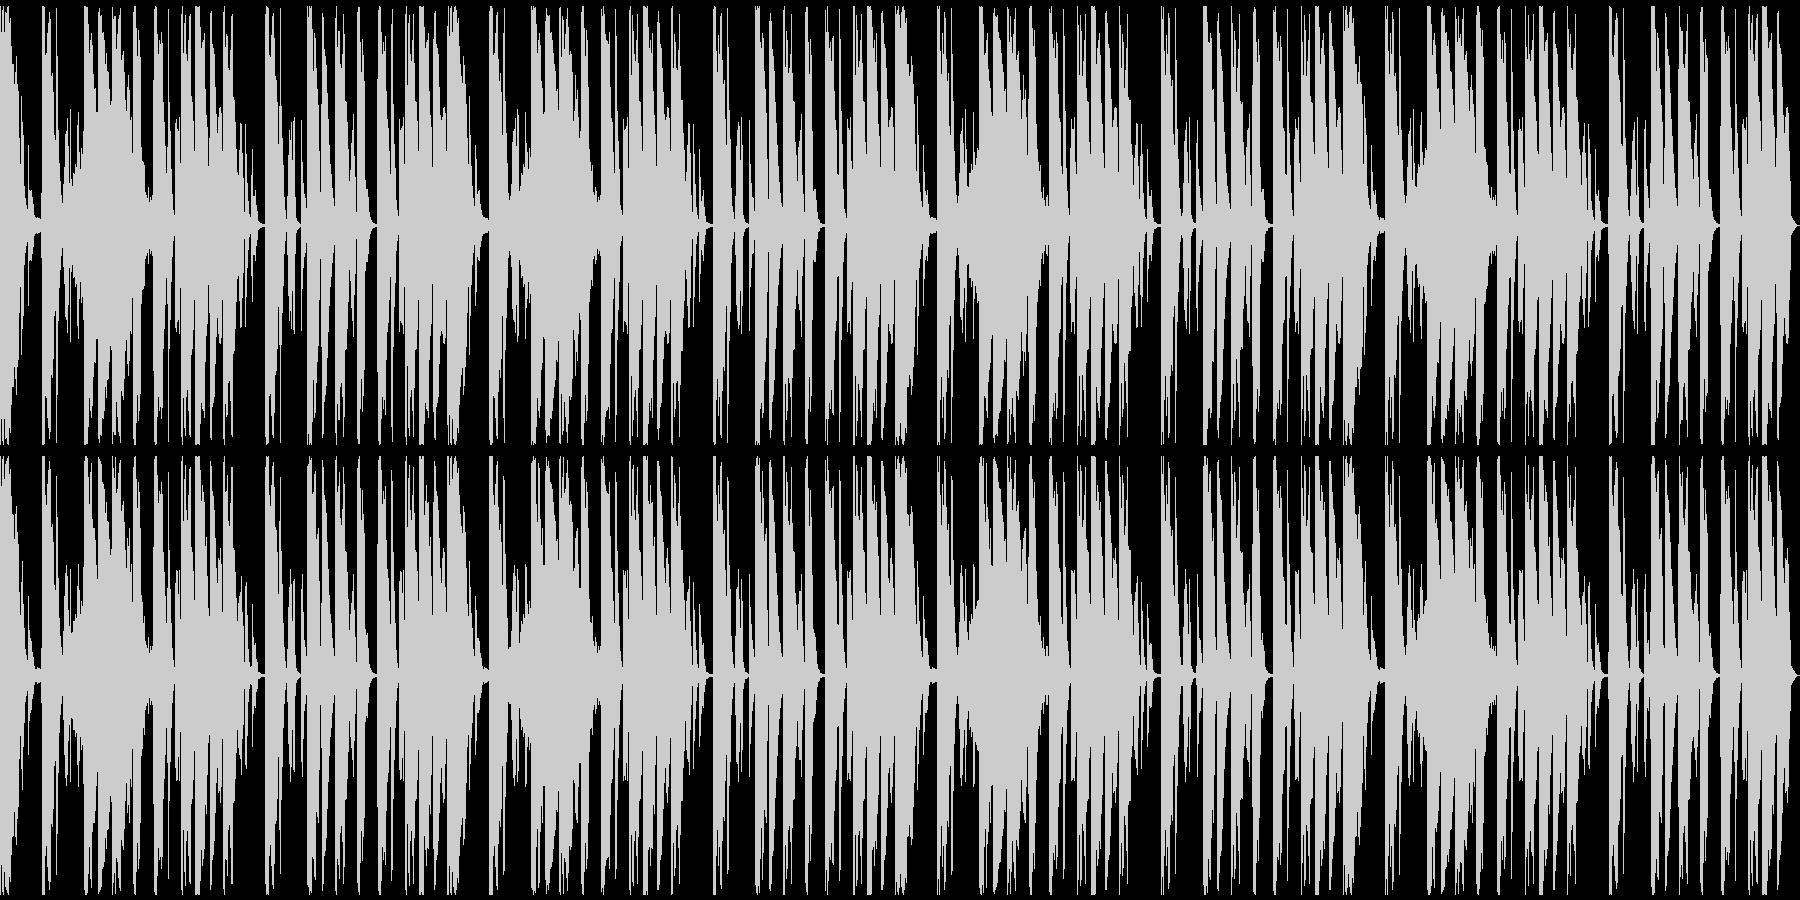 【ミステリアス】ロング1、ミディアム1の未再生の波形